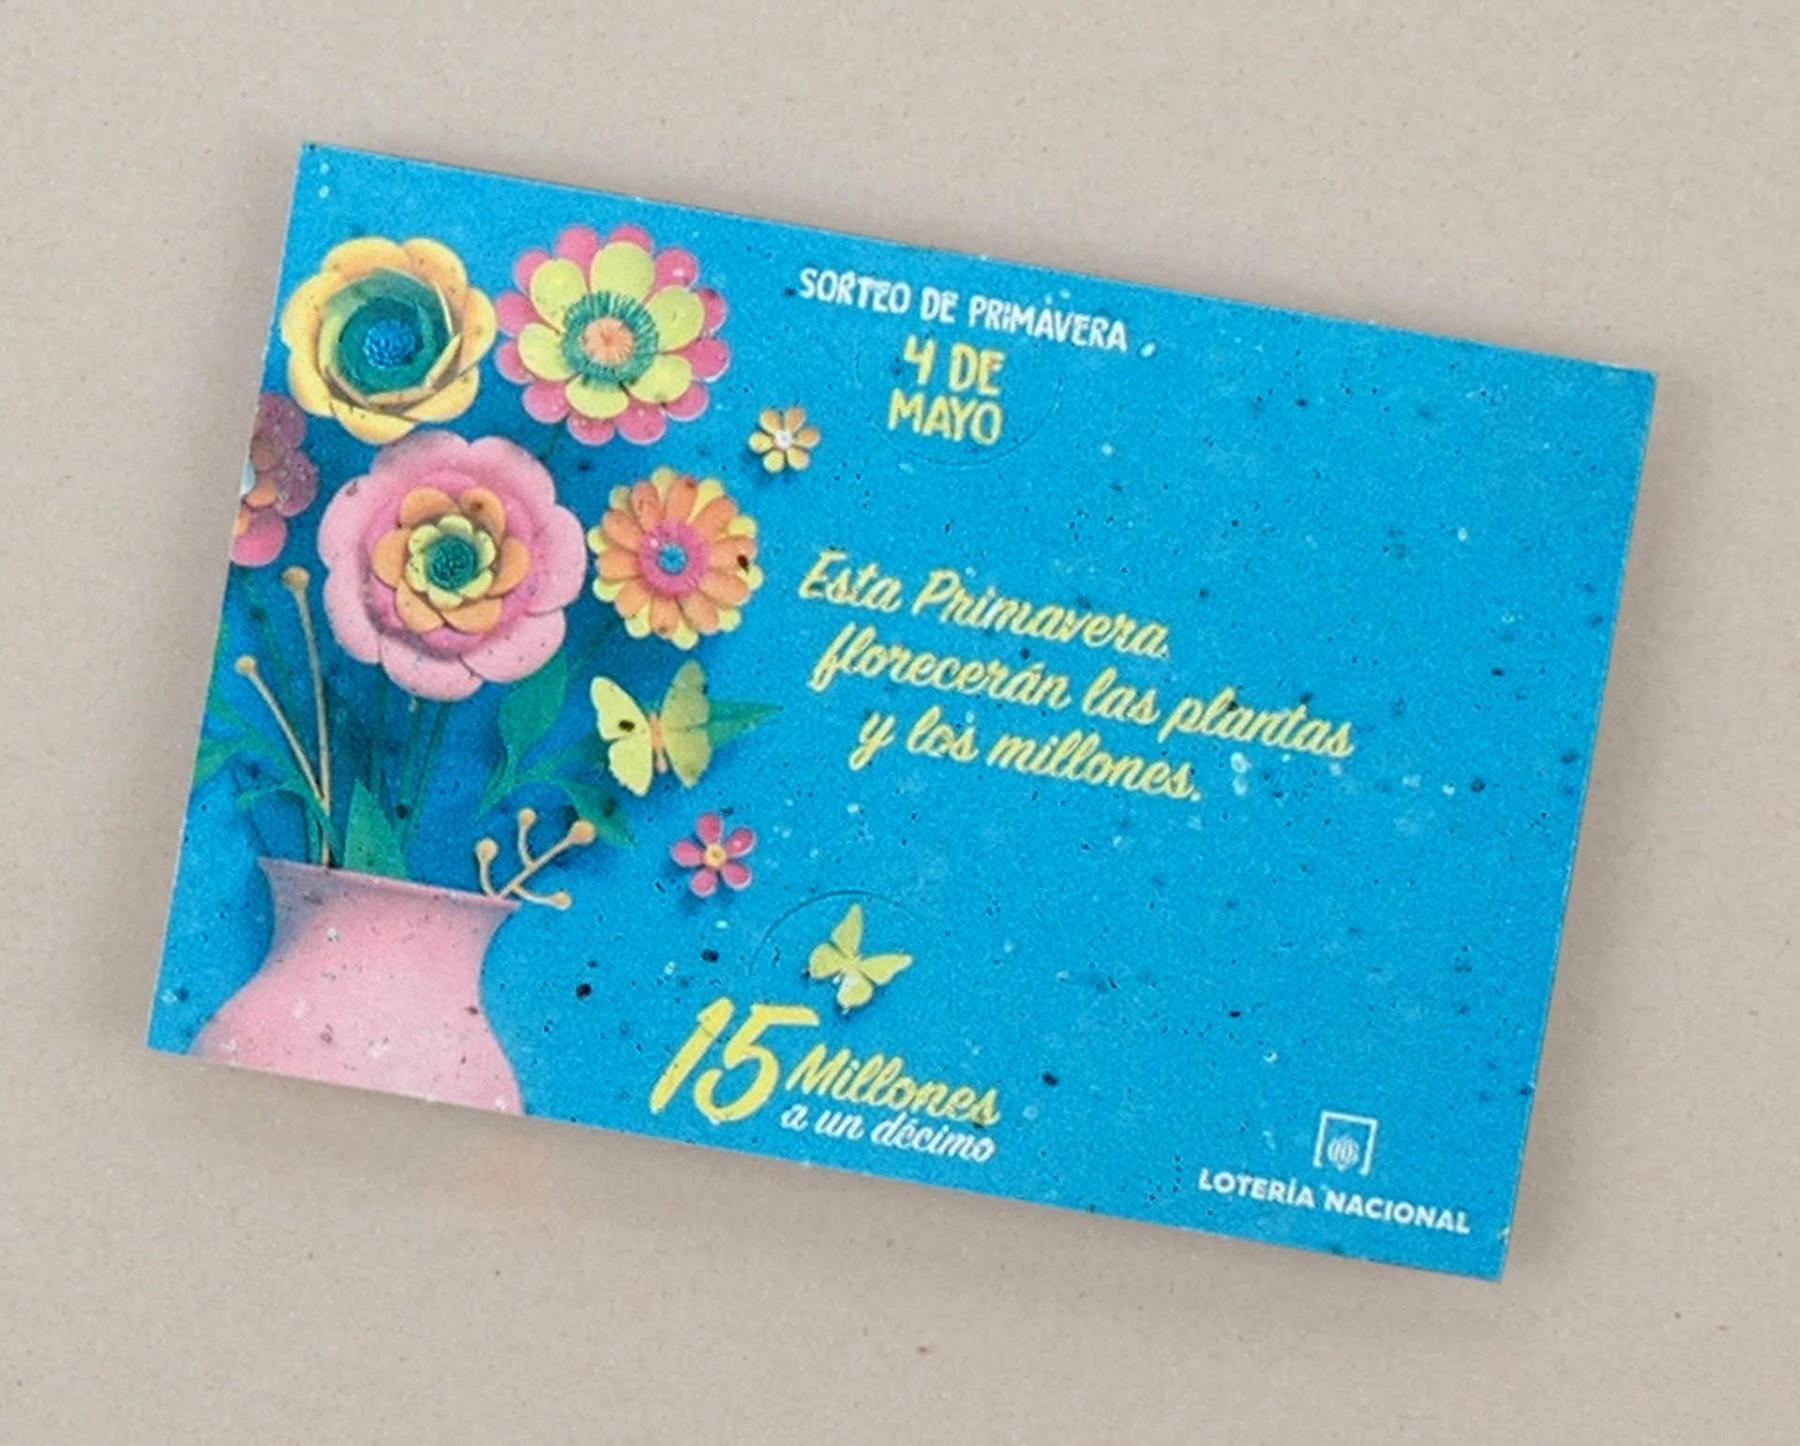 Postal en tamaño A6 en papel con semillas para el sorteo de primavera de la lotería nacional